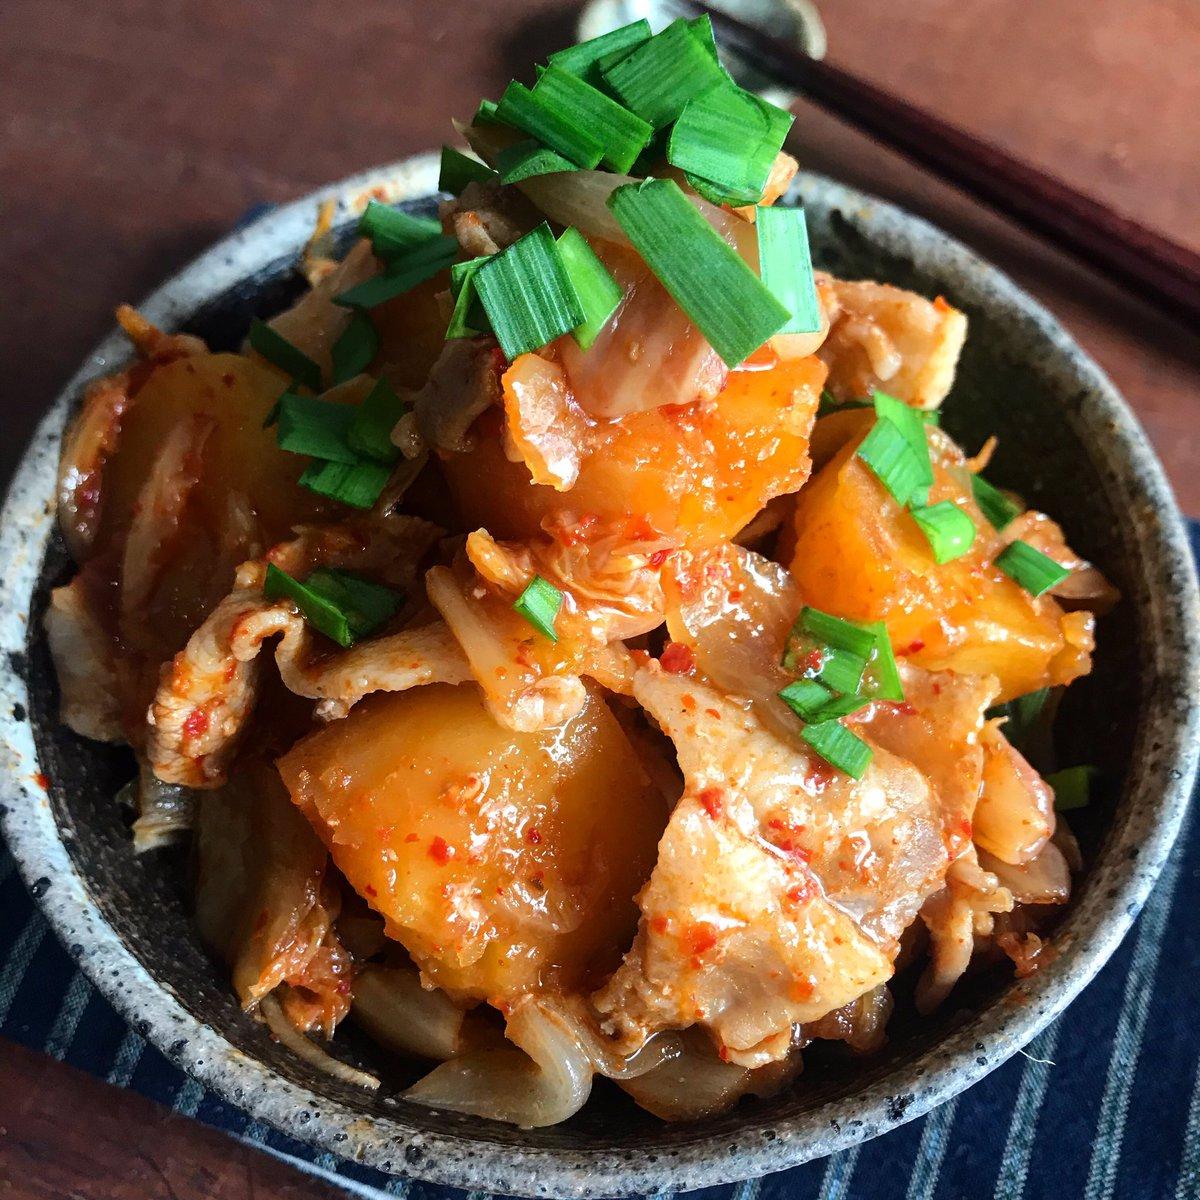 めちゃくちゃ美味しくできた【レンジで1発‼️こってり豚キムチ肉じゃが】調味料は砂糖と醤油のみで、この味!レンジだと最小限の水分で作れ、じゃがいもホクホク、煮崩れもなし。味も染み染みで誰でも上手く作れます!甘辛さとキムチの辛さで普通の肉じゃがよりご飯もお酒も進む✨レシピ↓